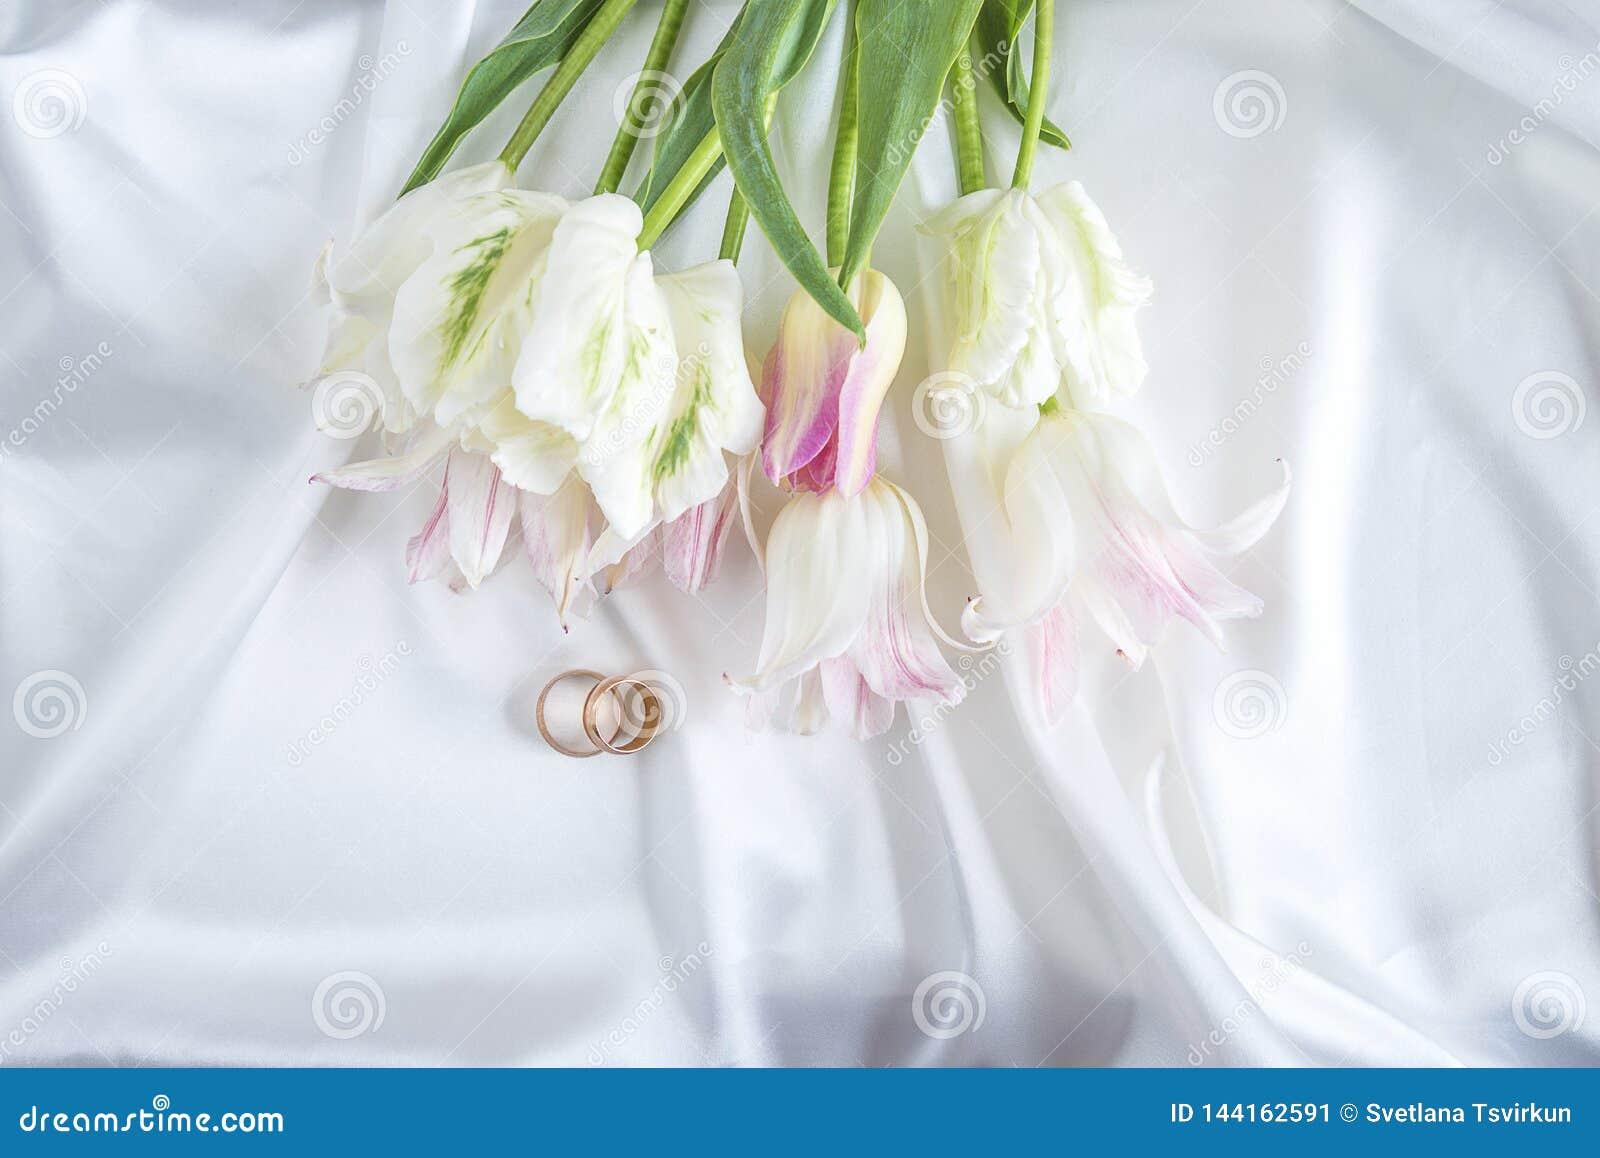 Dos anillos de bodas y ramos de tulipanes blancos